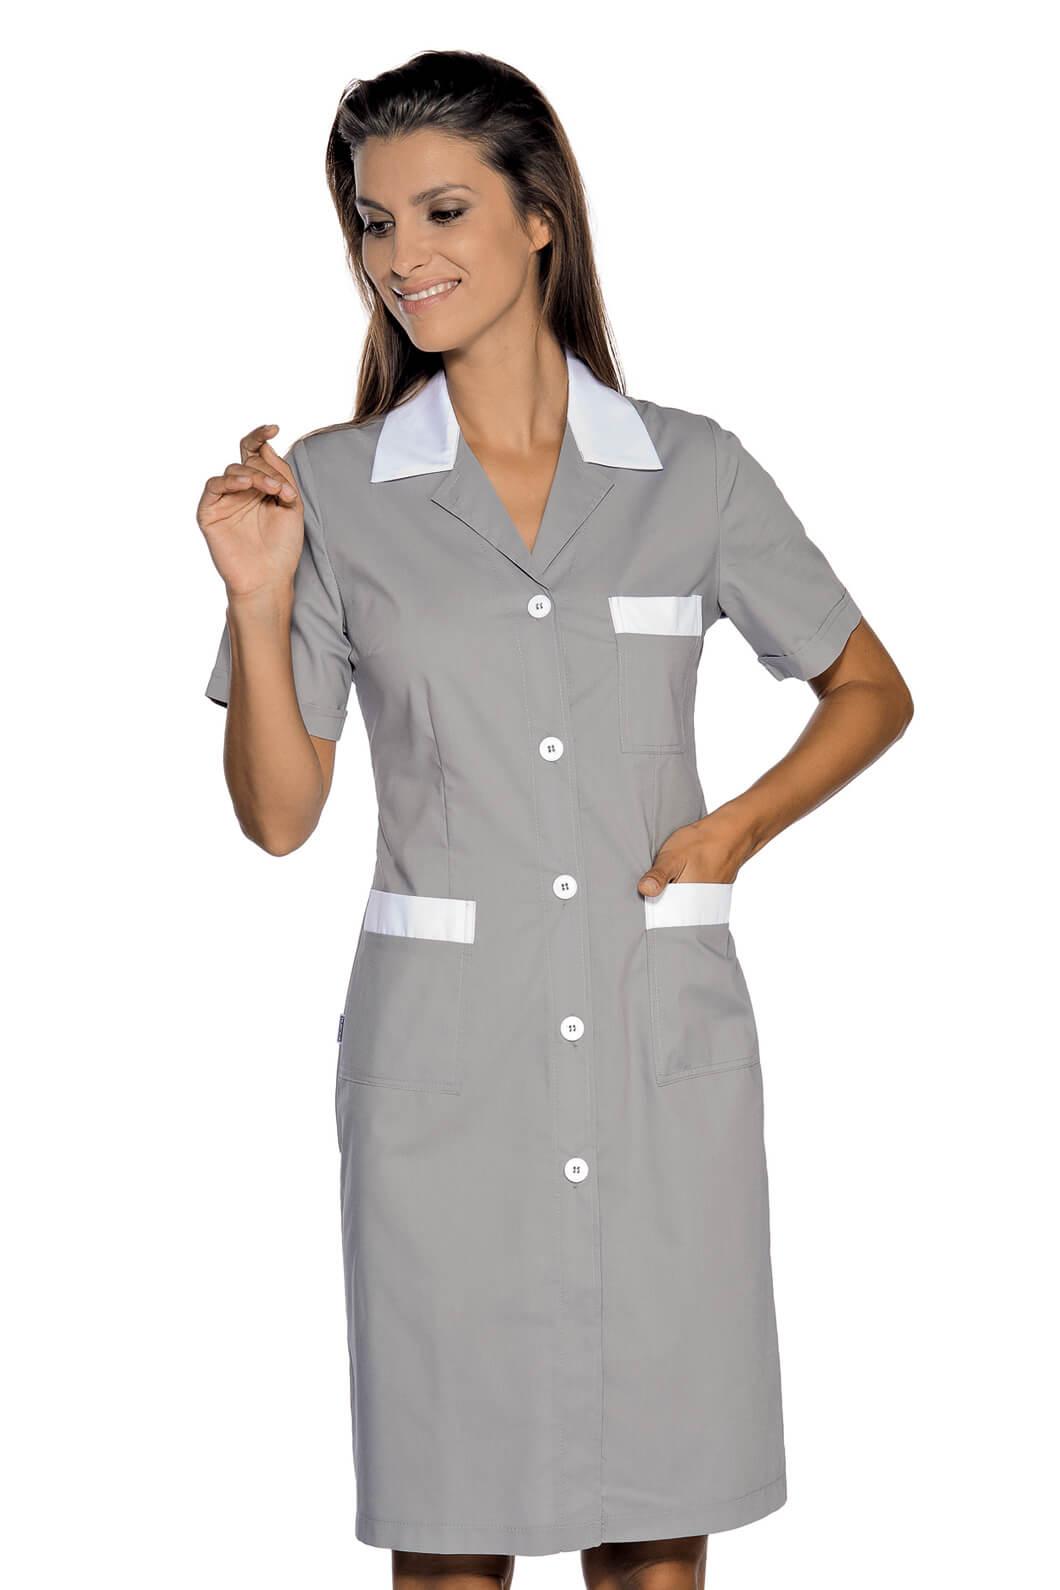 blouse de travail manches courtes positano gris blanc. Black Bedroom Furniture Sets. Home Design Ideas